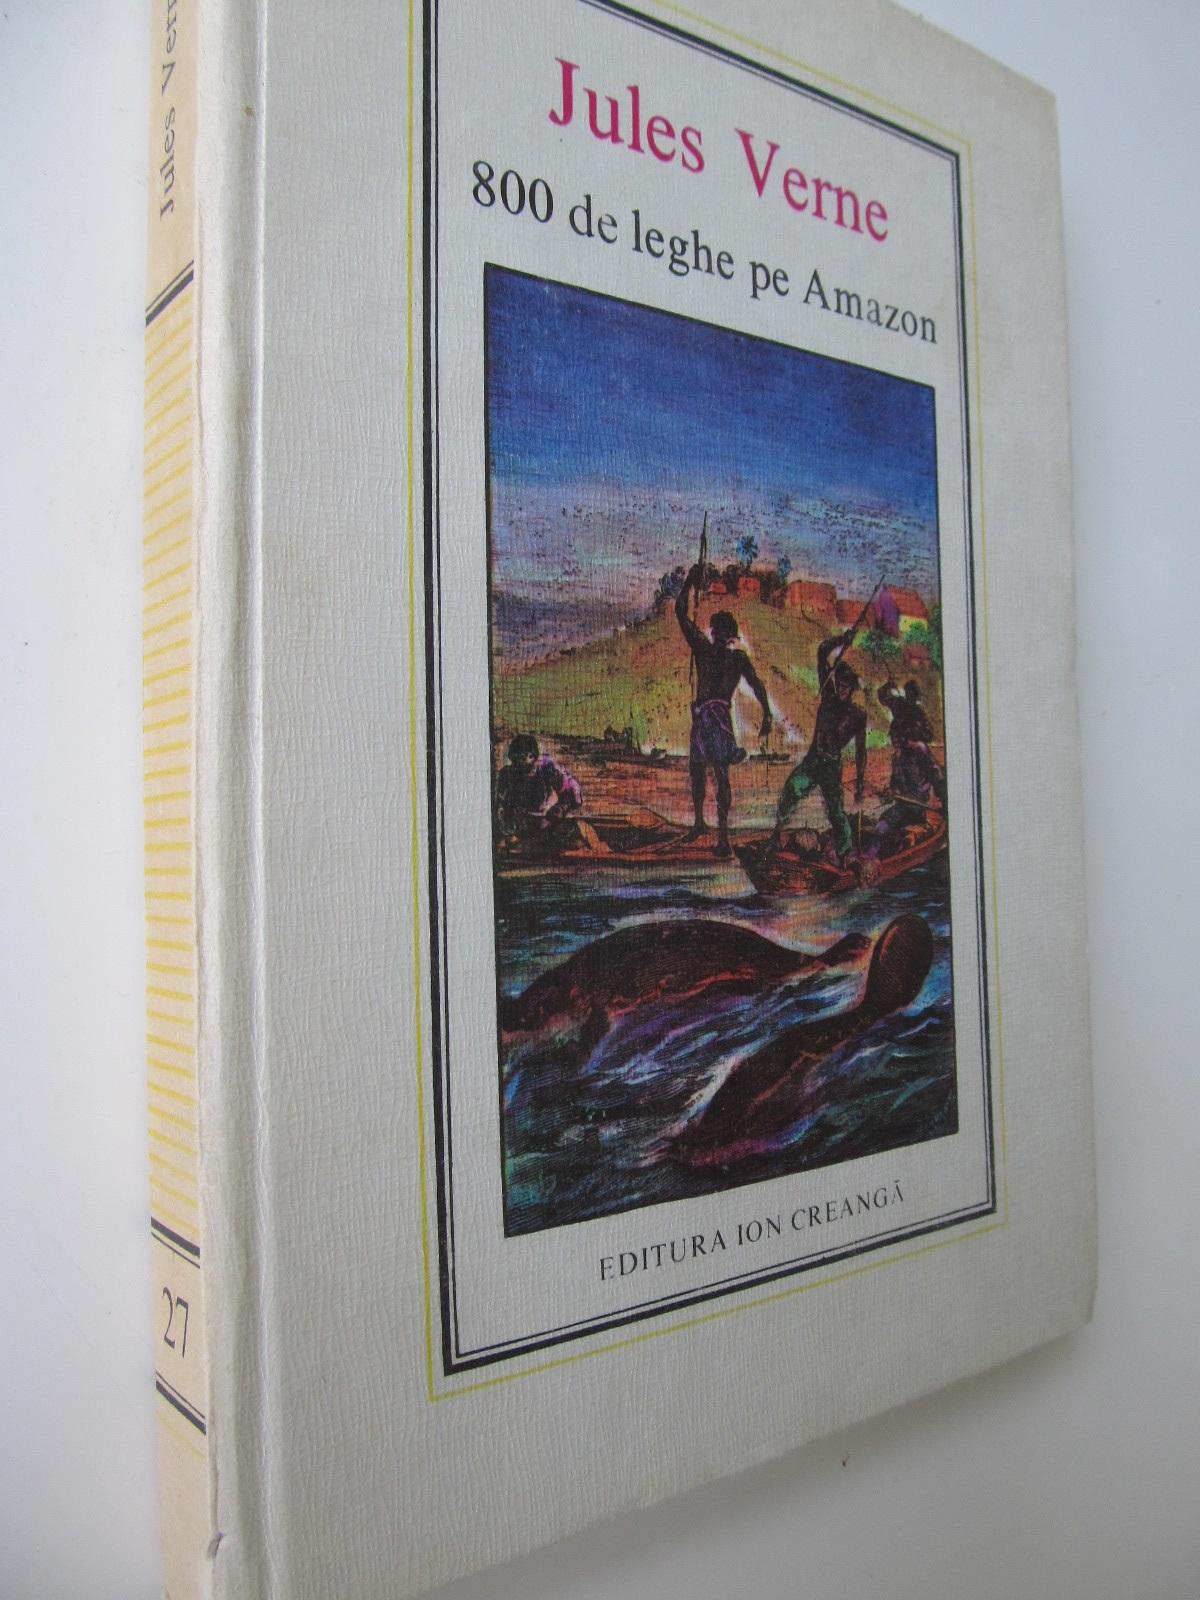 800 de leghe pe Amazon (27) - Jules Verne | Detalii carte